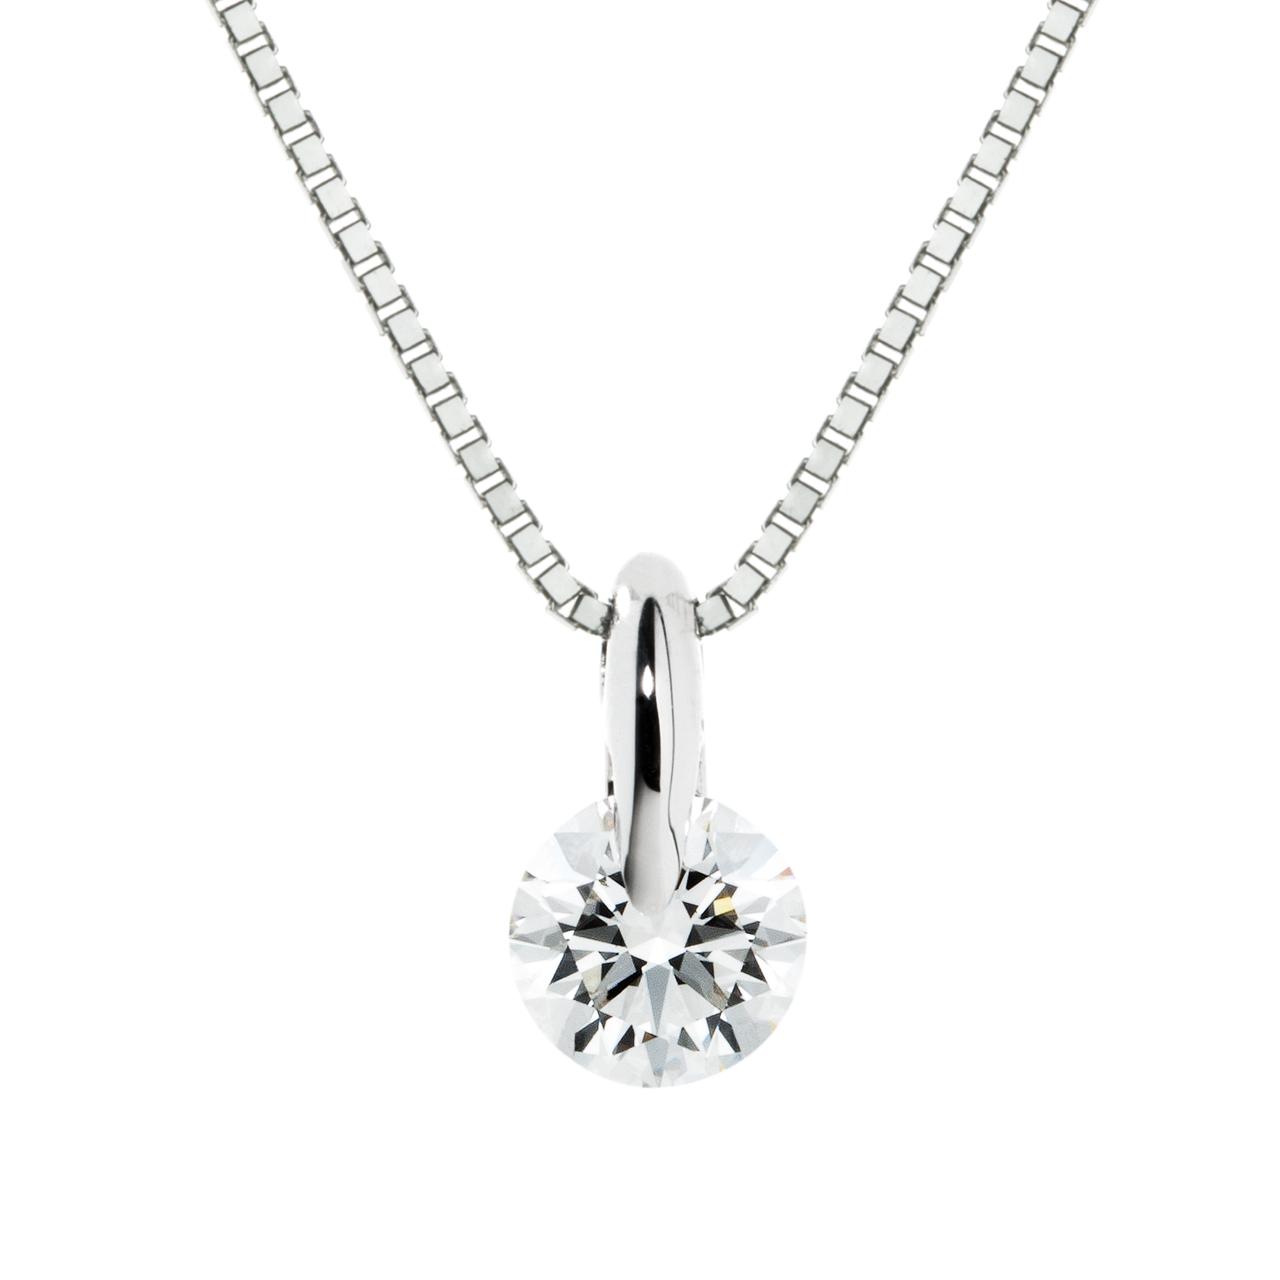 ダイヤモンド1ポイントペンダント